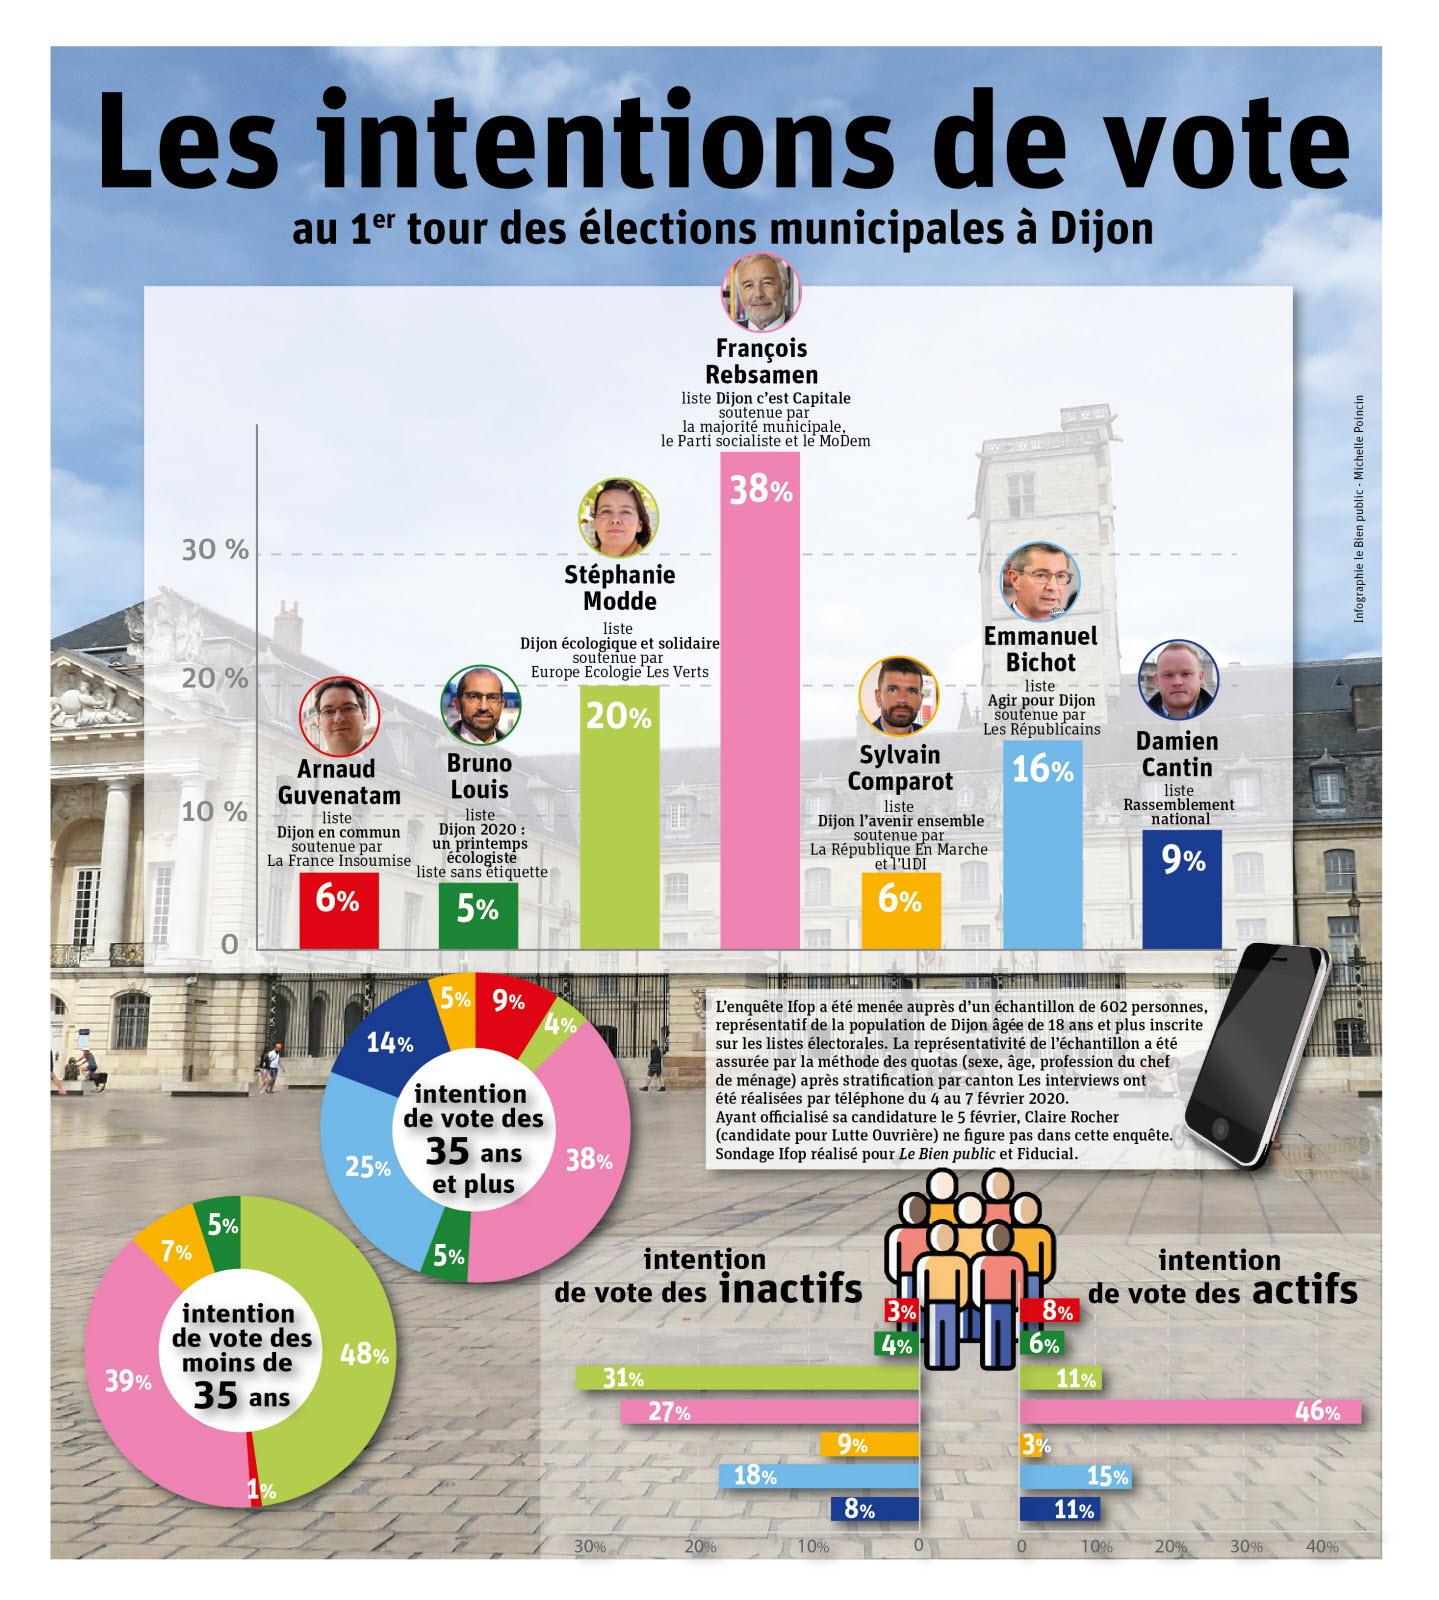 La claque pour Macron, grand perdant des municipales dans les grandes villes ? Son «territoire» pourtant…